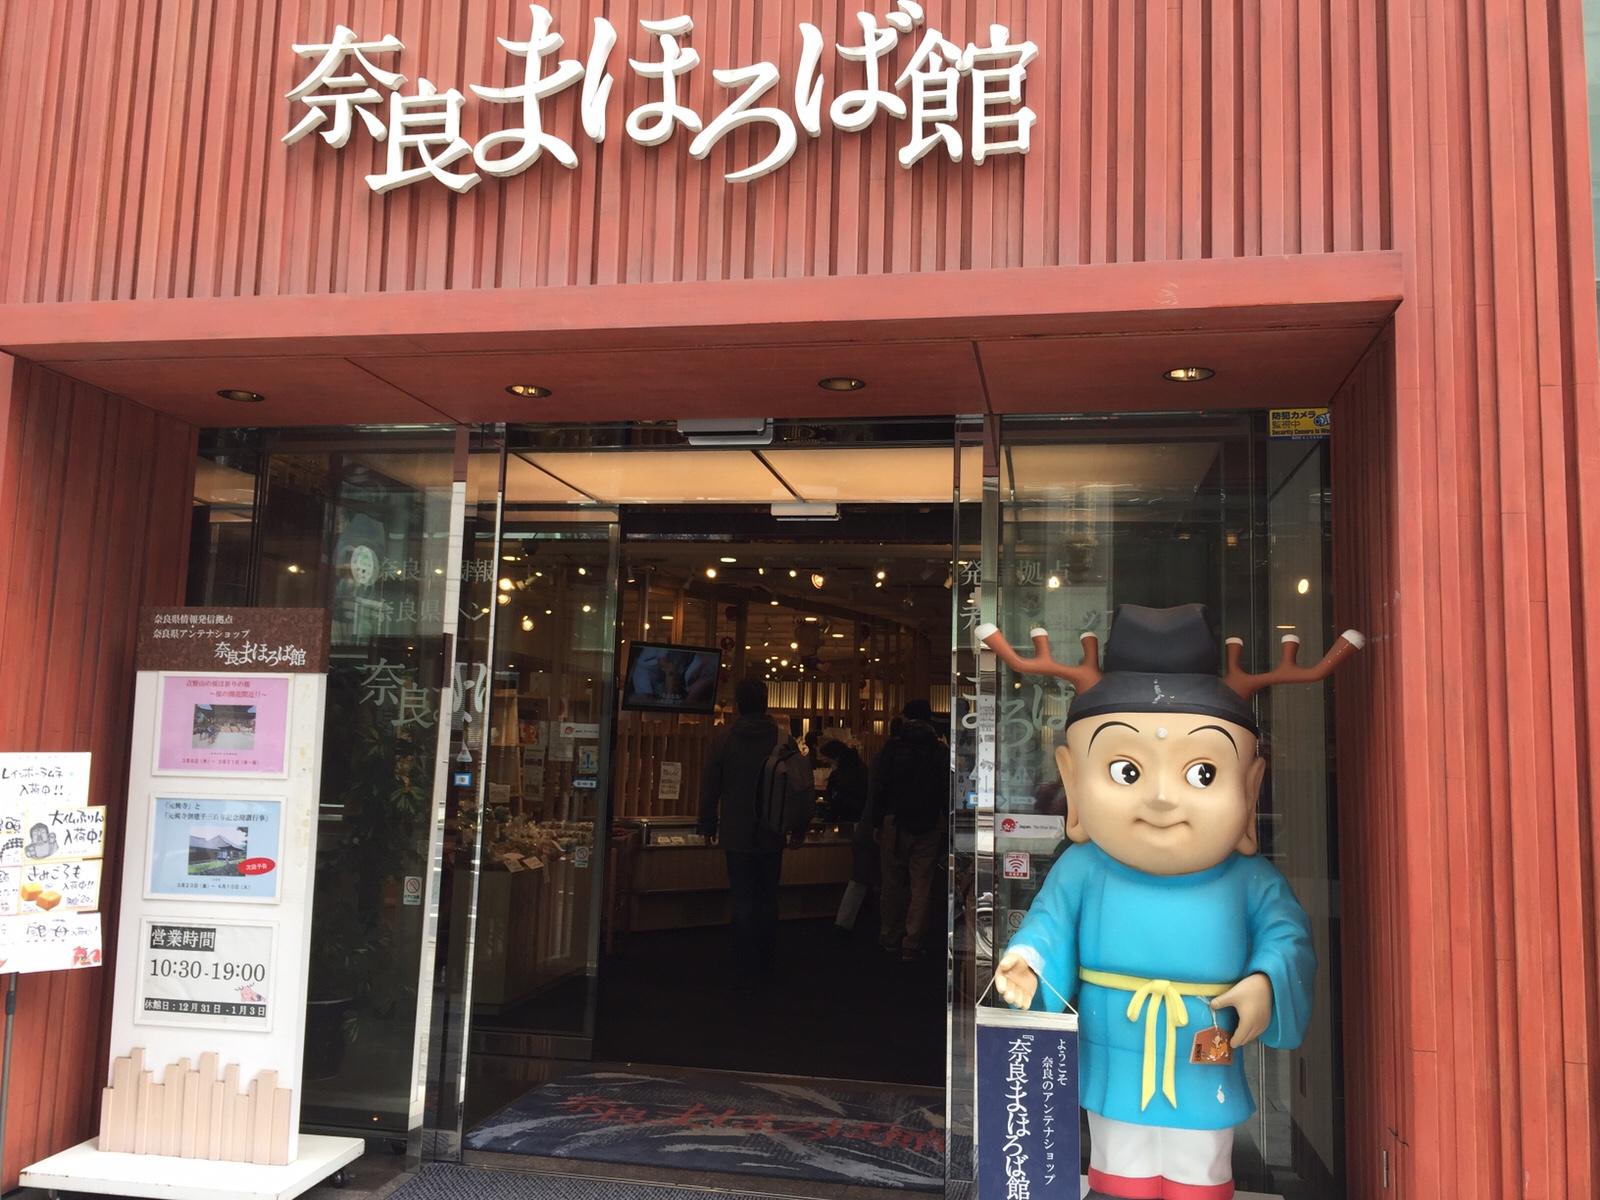 ご当地アンテナショップ巡り「奈良まほろば館」せんとくんか大仏か